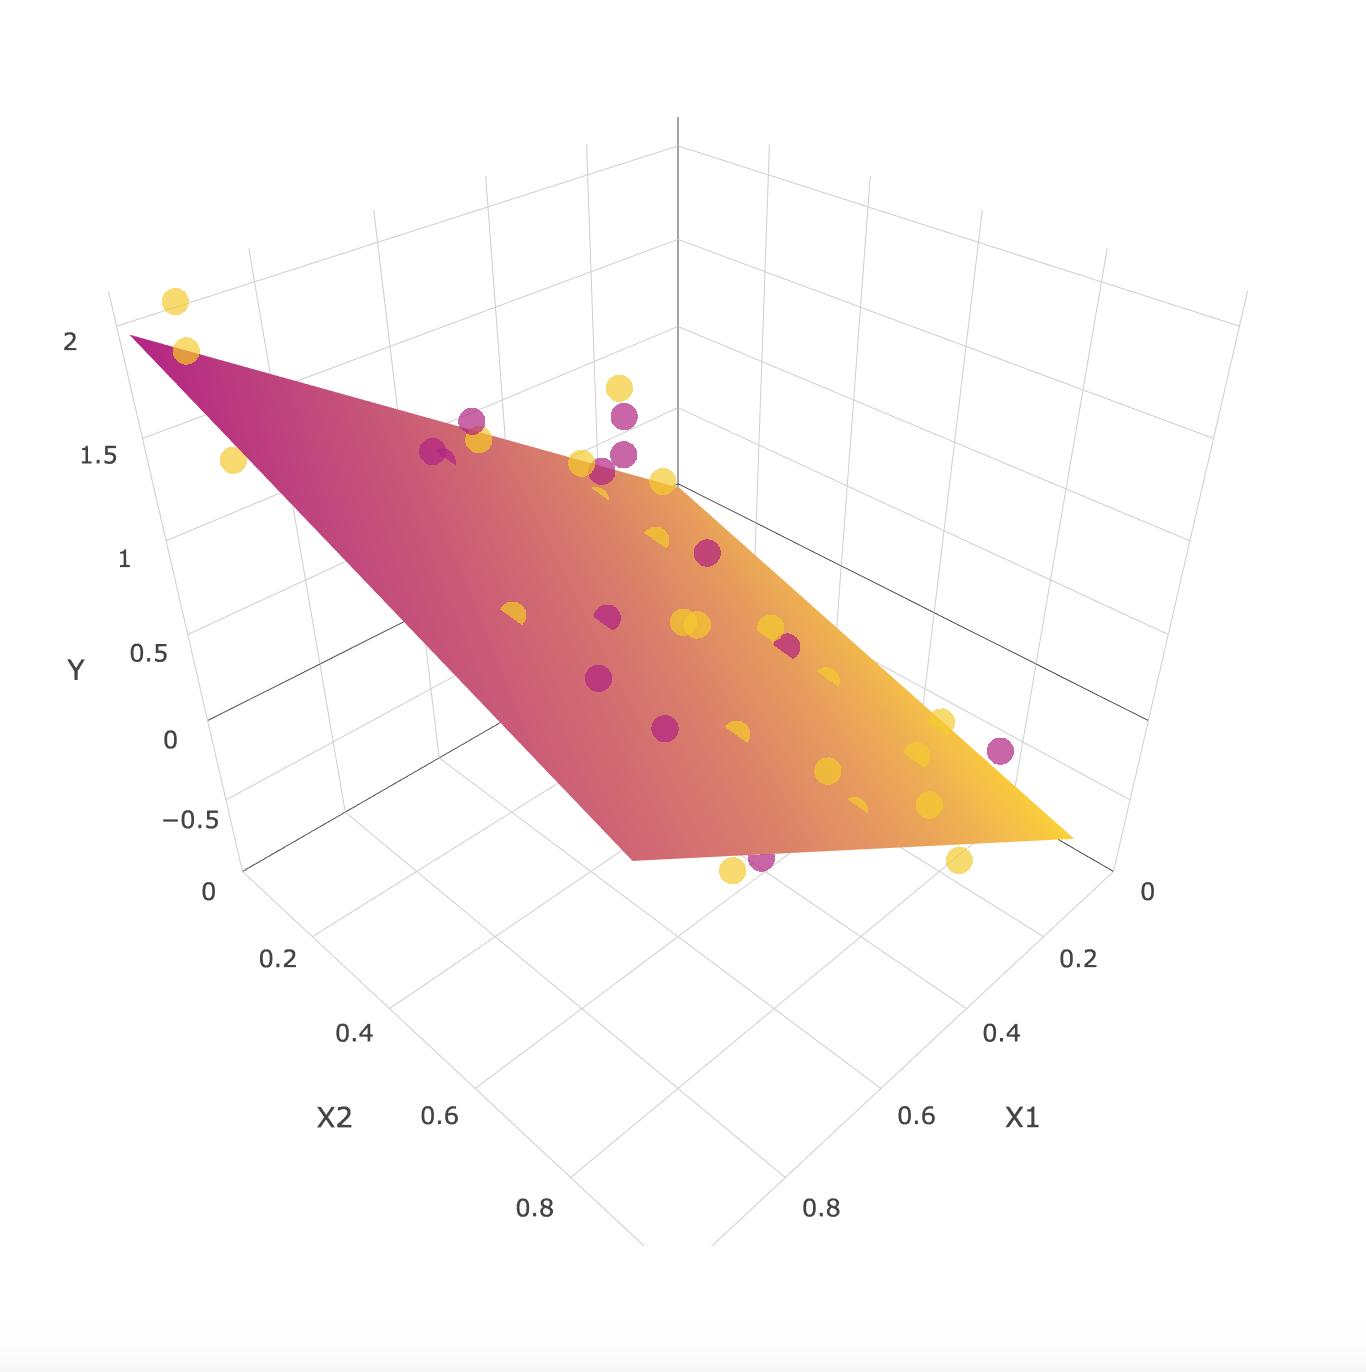 Figur 2. Multipel regression innebär att ett tredimensionell regressionsplan skapas. Detta planet kan bli än mer komplext om ytterligare prediktorer inkluderas i modellen.